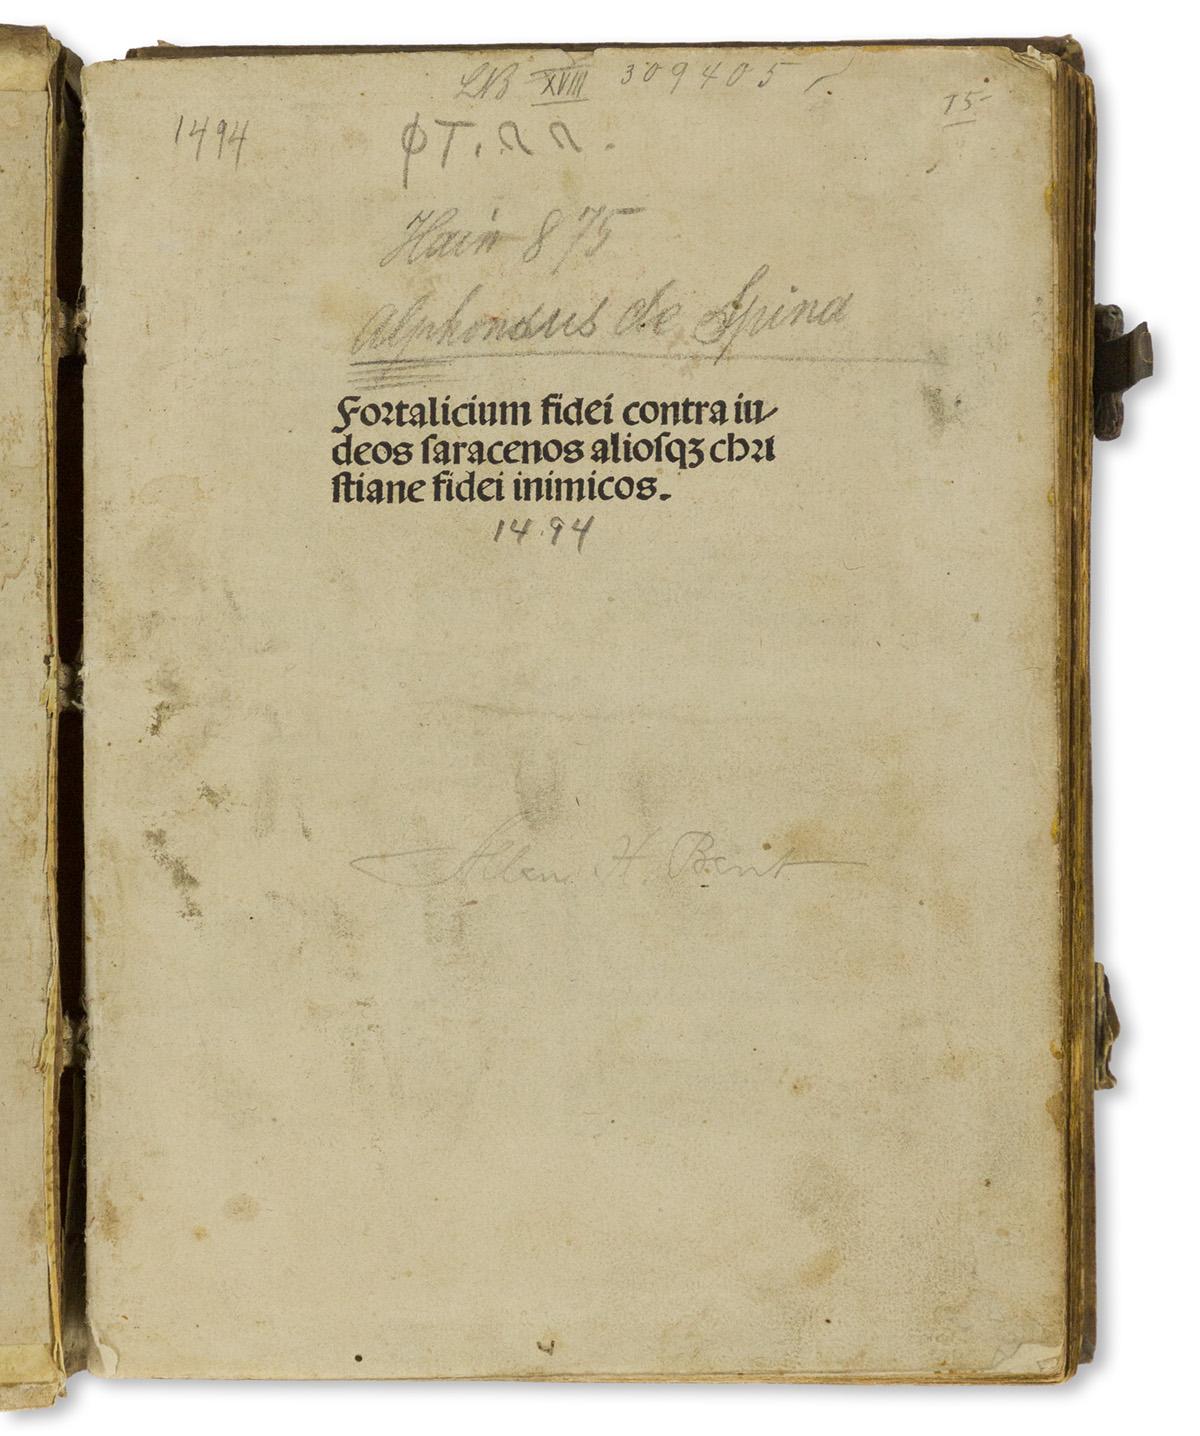 Alphonsus de Spina (d. circa 1494) Fortalitium Fidei contra Judeos Saracenos.